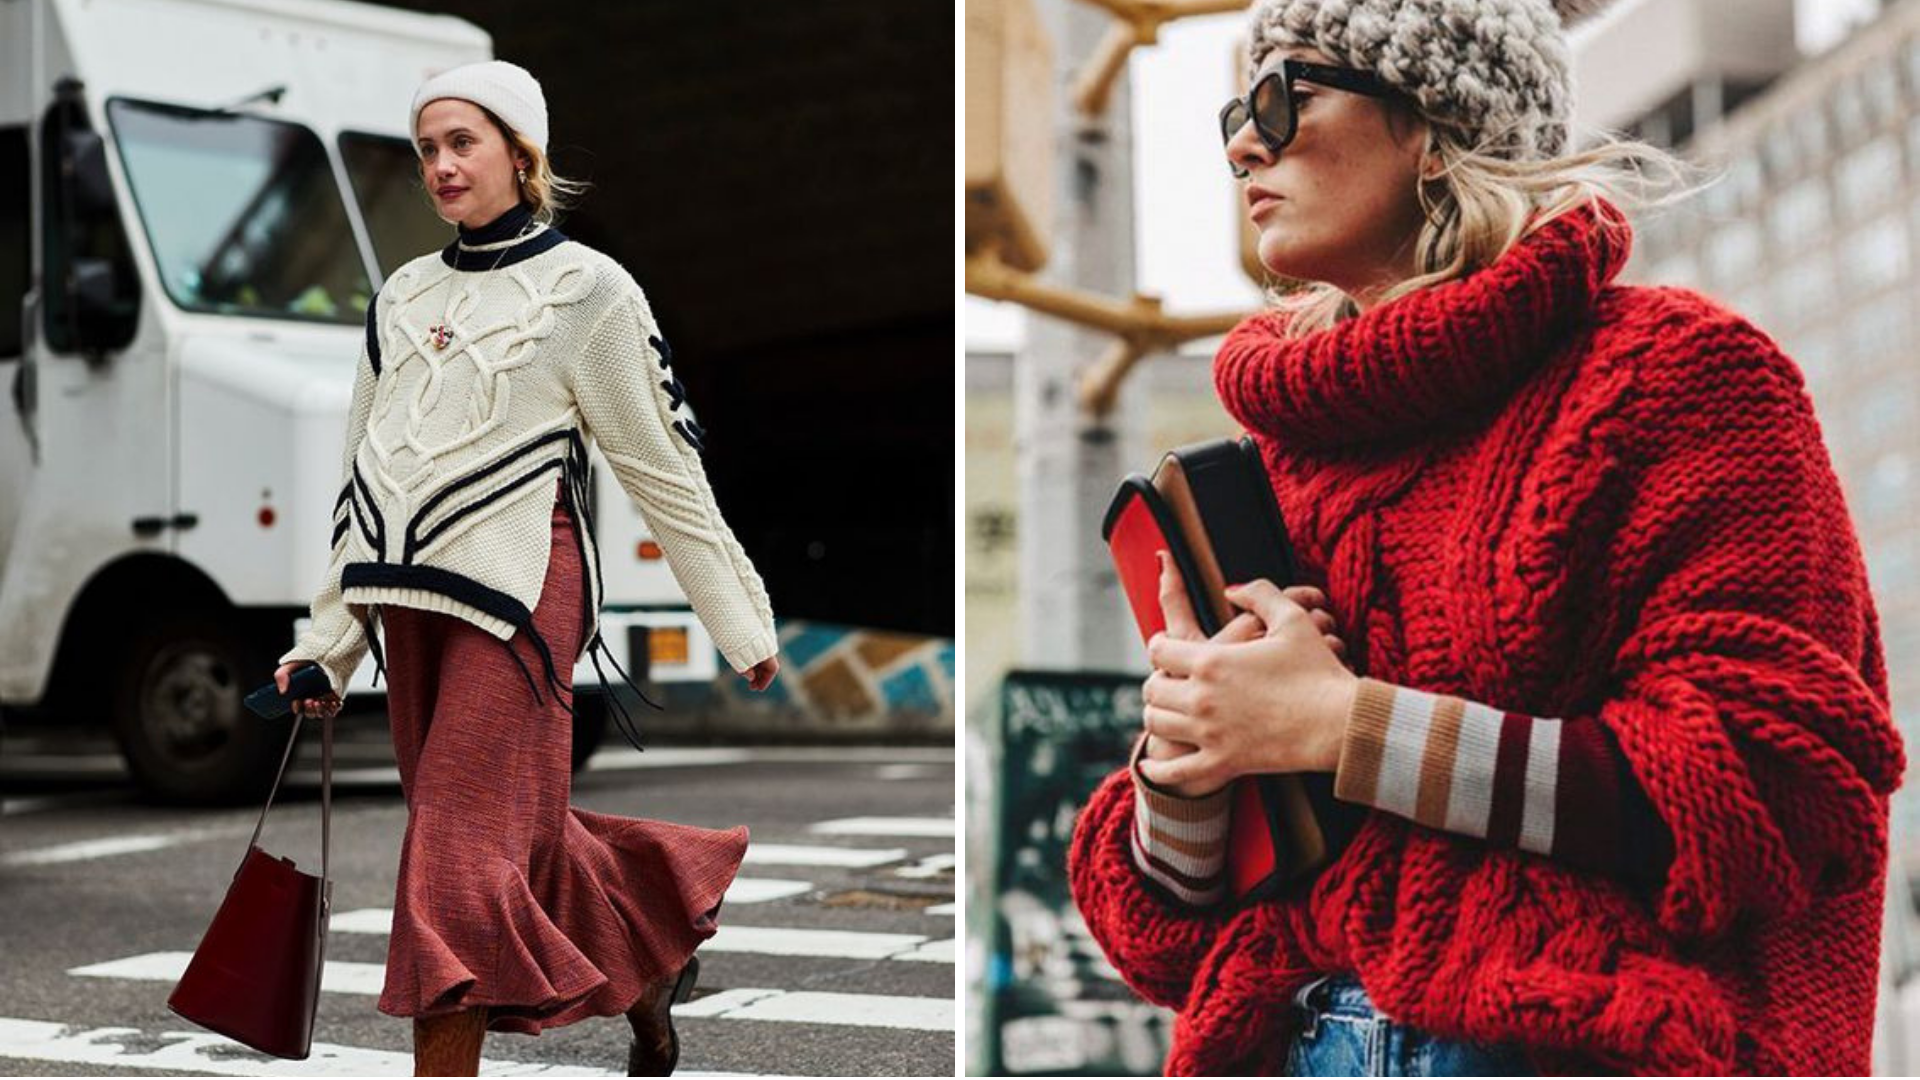 Aran Sweater style